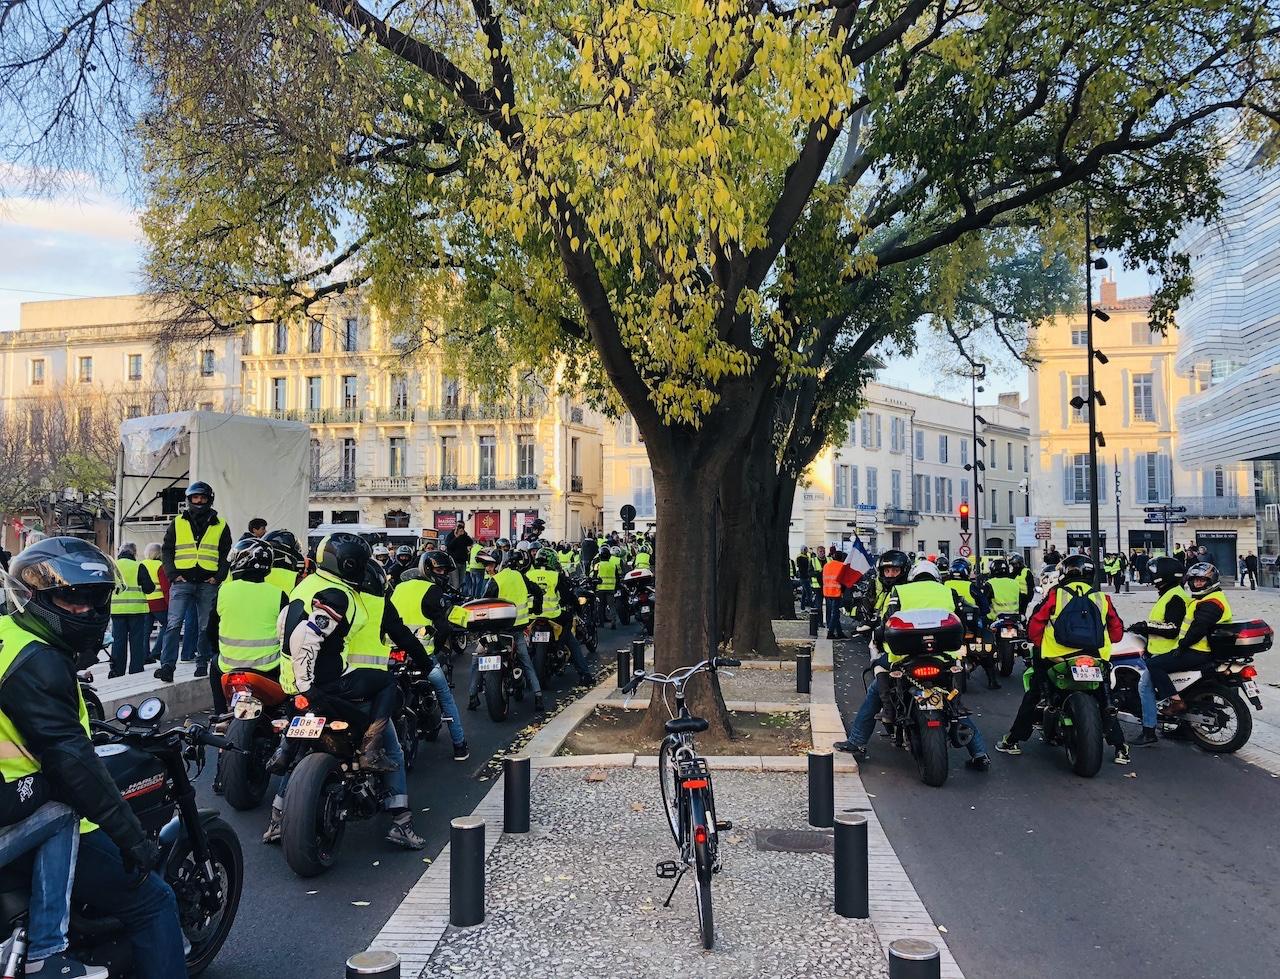 Manifestation des gilets jaunes à Nîmes, samedi 8 décembre © Schams El Ghoneimi